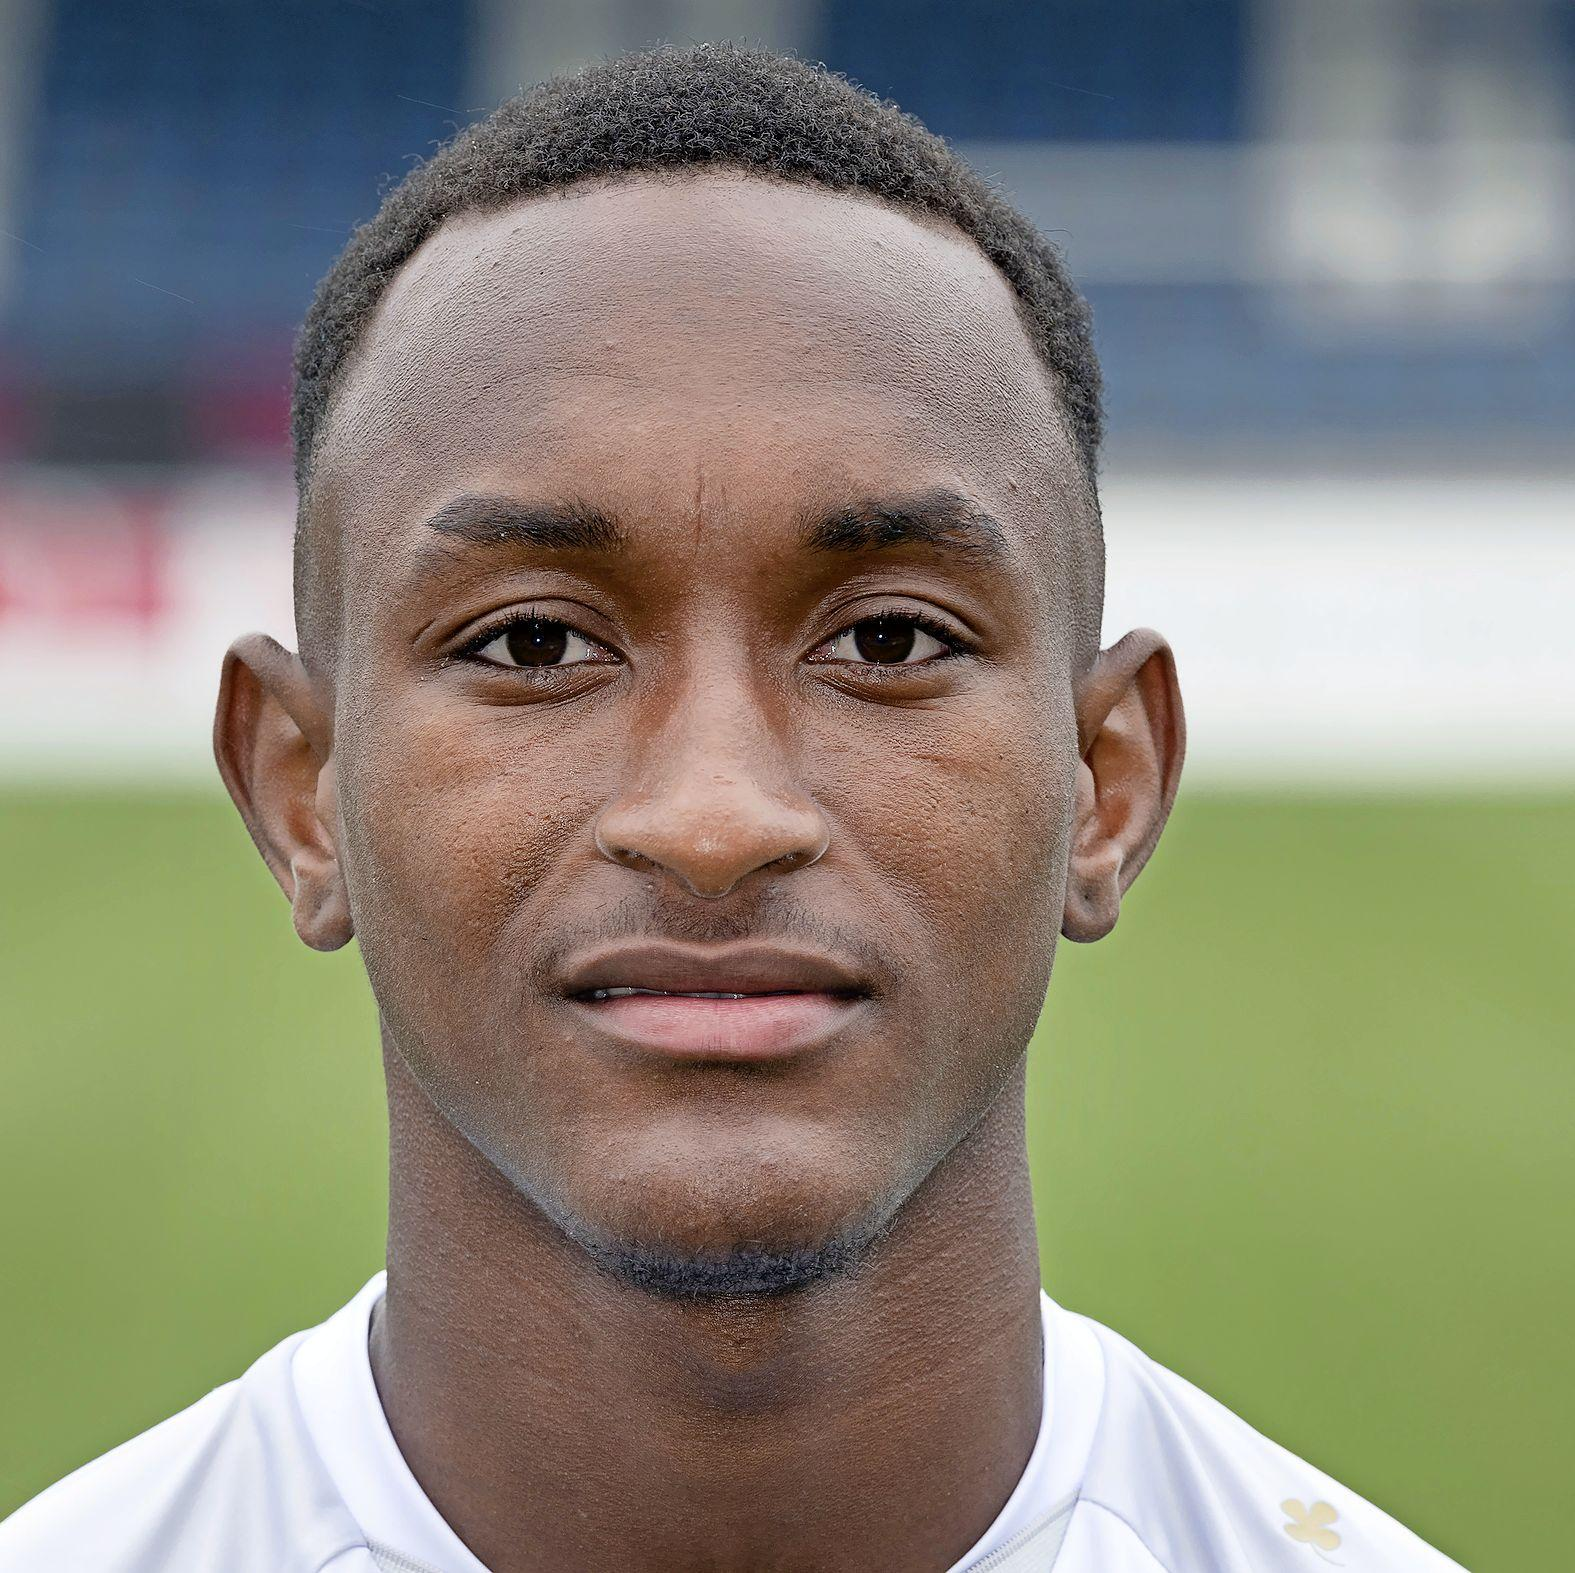 Roscello Vlijter (Telstar) geselecteerd voor WK-kwalificatie Suriname